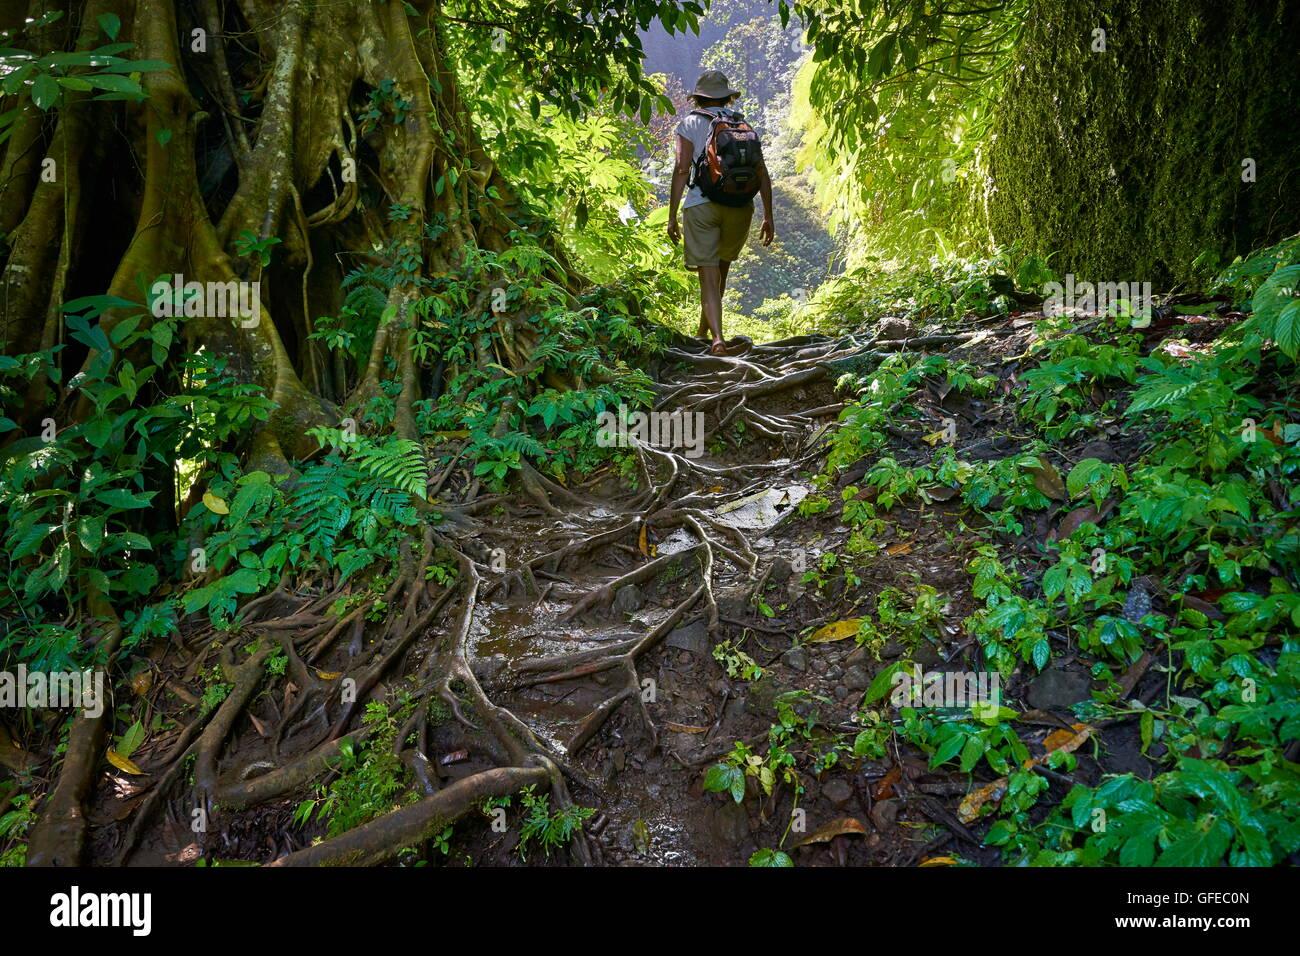 Tourist trekking attraverso la foresta tropicale, Bali, Indonesia Foto Stock